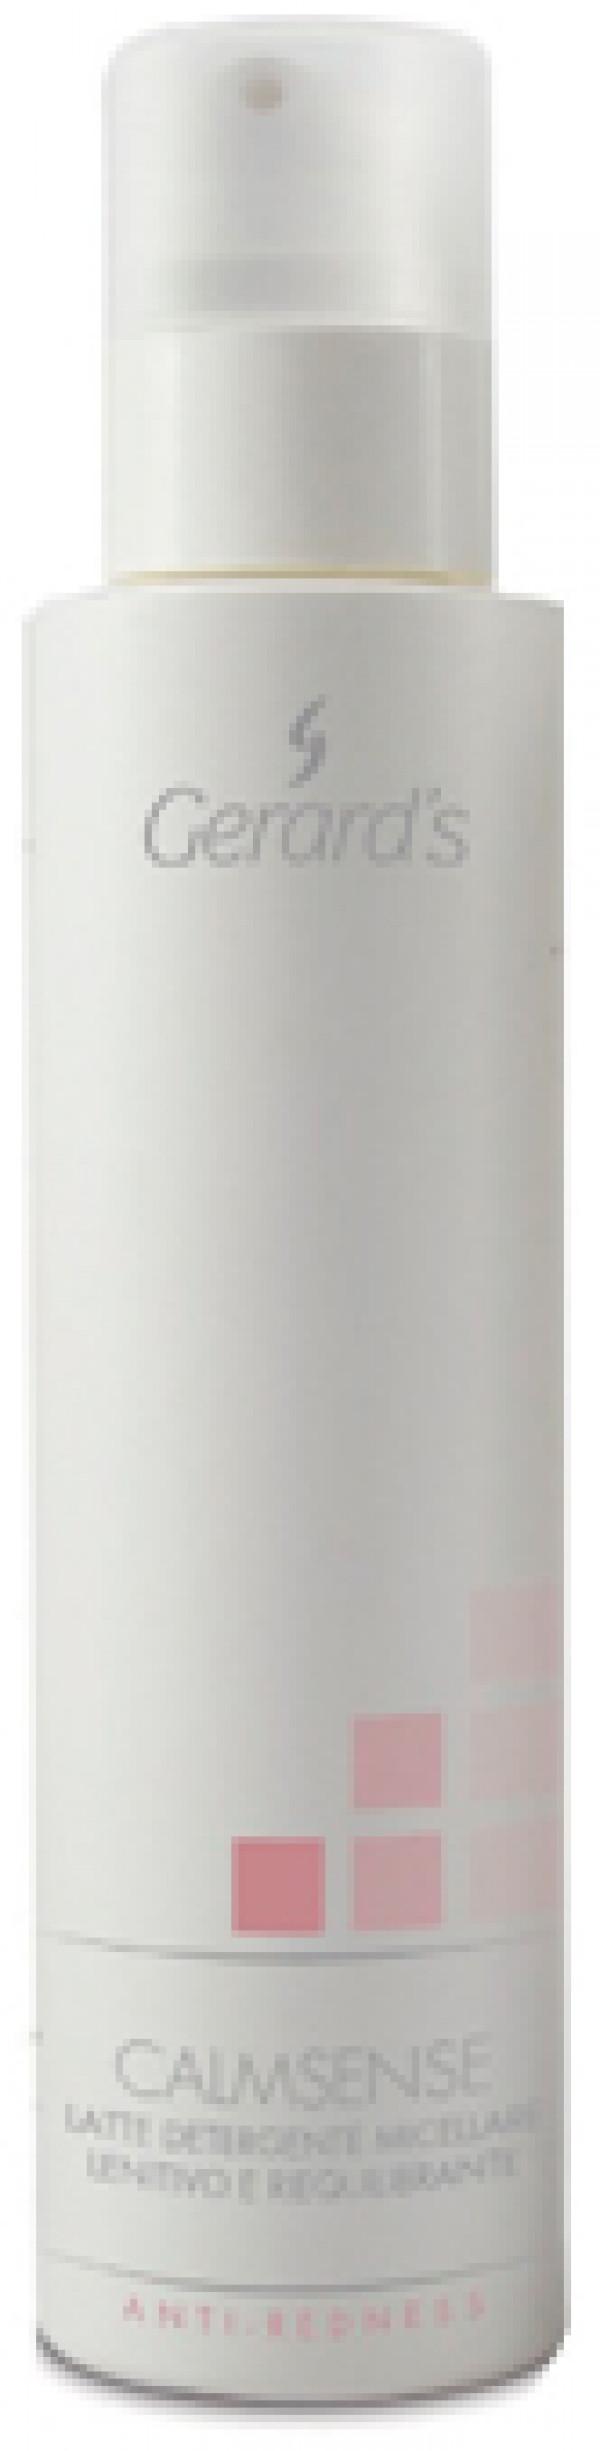 Calmsense Latte Detergente puhdistumaito 200ml